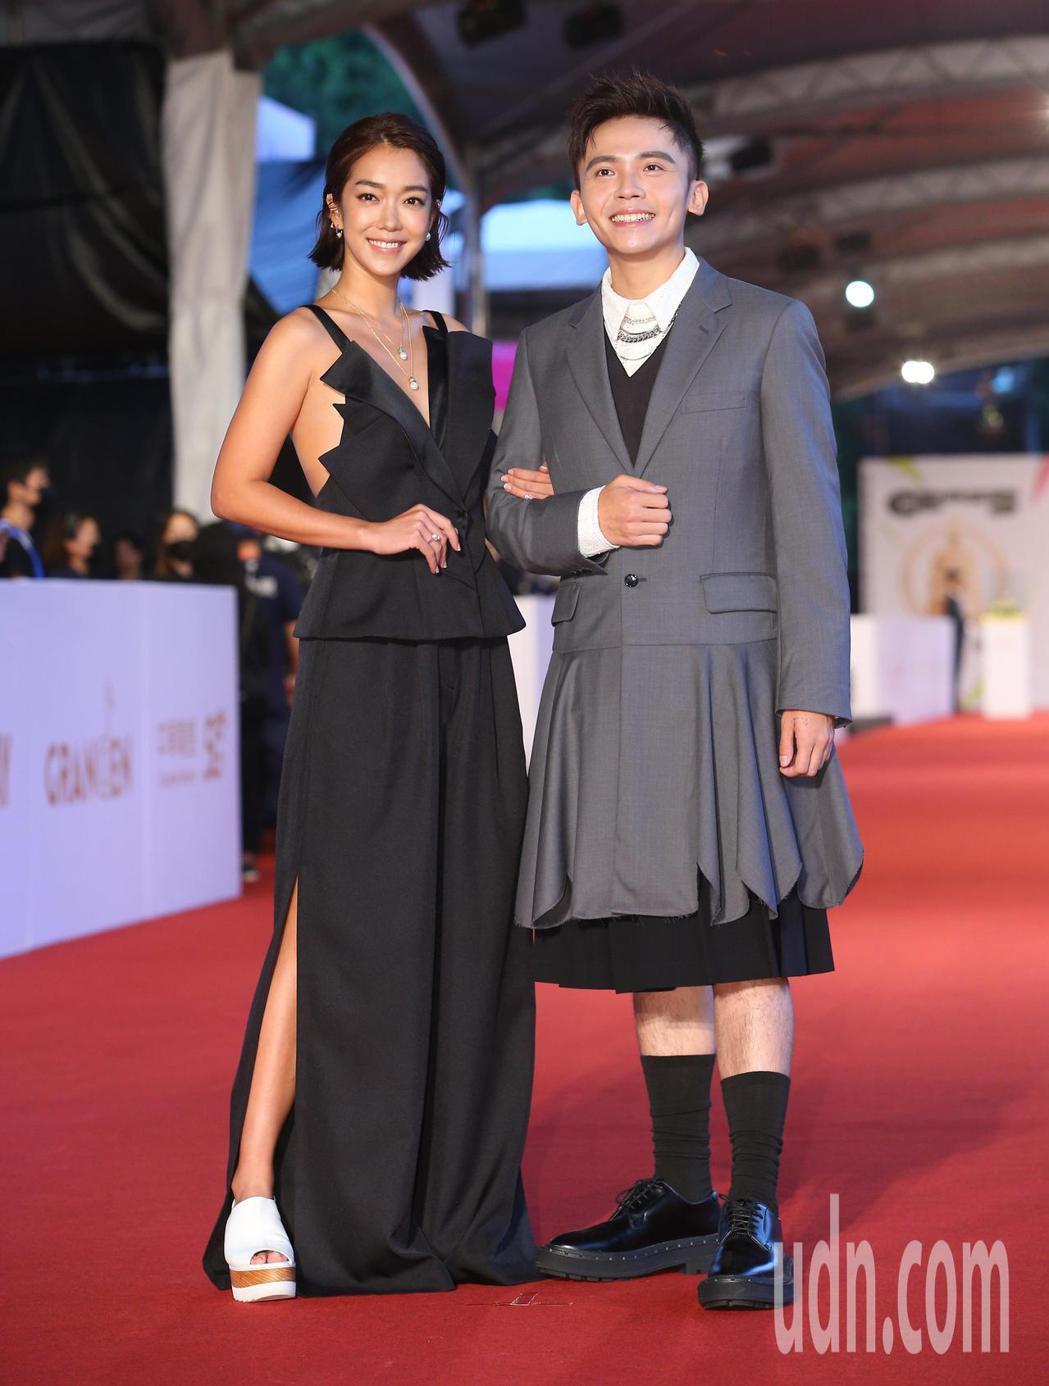 第55屆金鐘獎頒獎典禮由黃豪平(右)、大霈(左)主持。記者余承翰/攝影